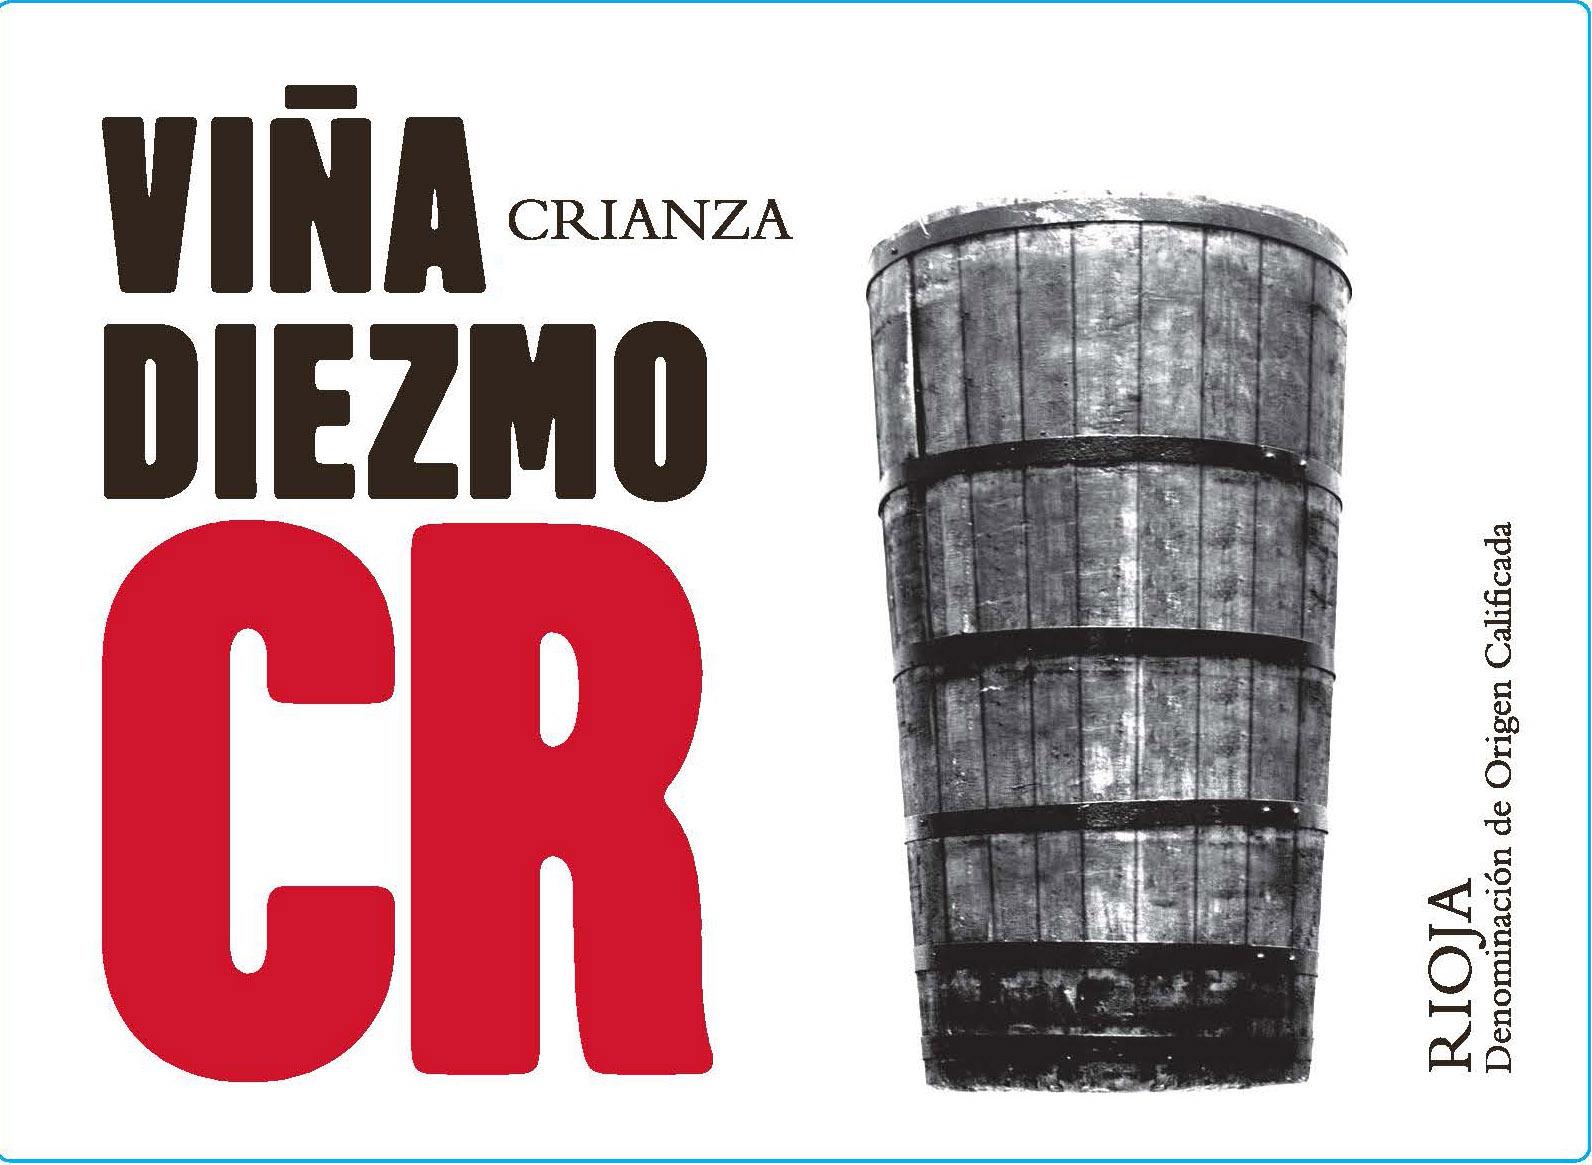 Viña Diezmo - Crianza label